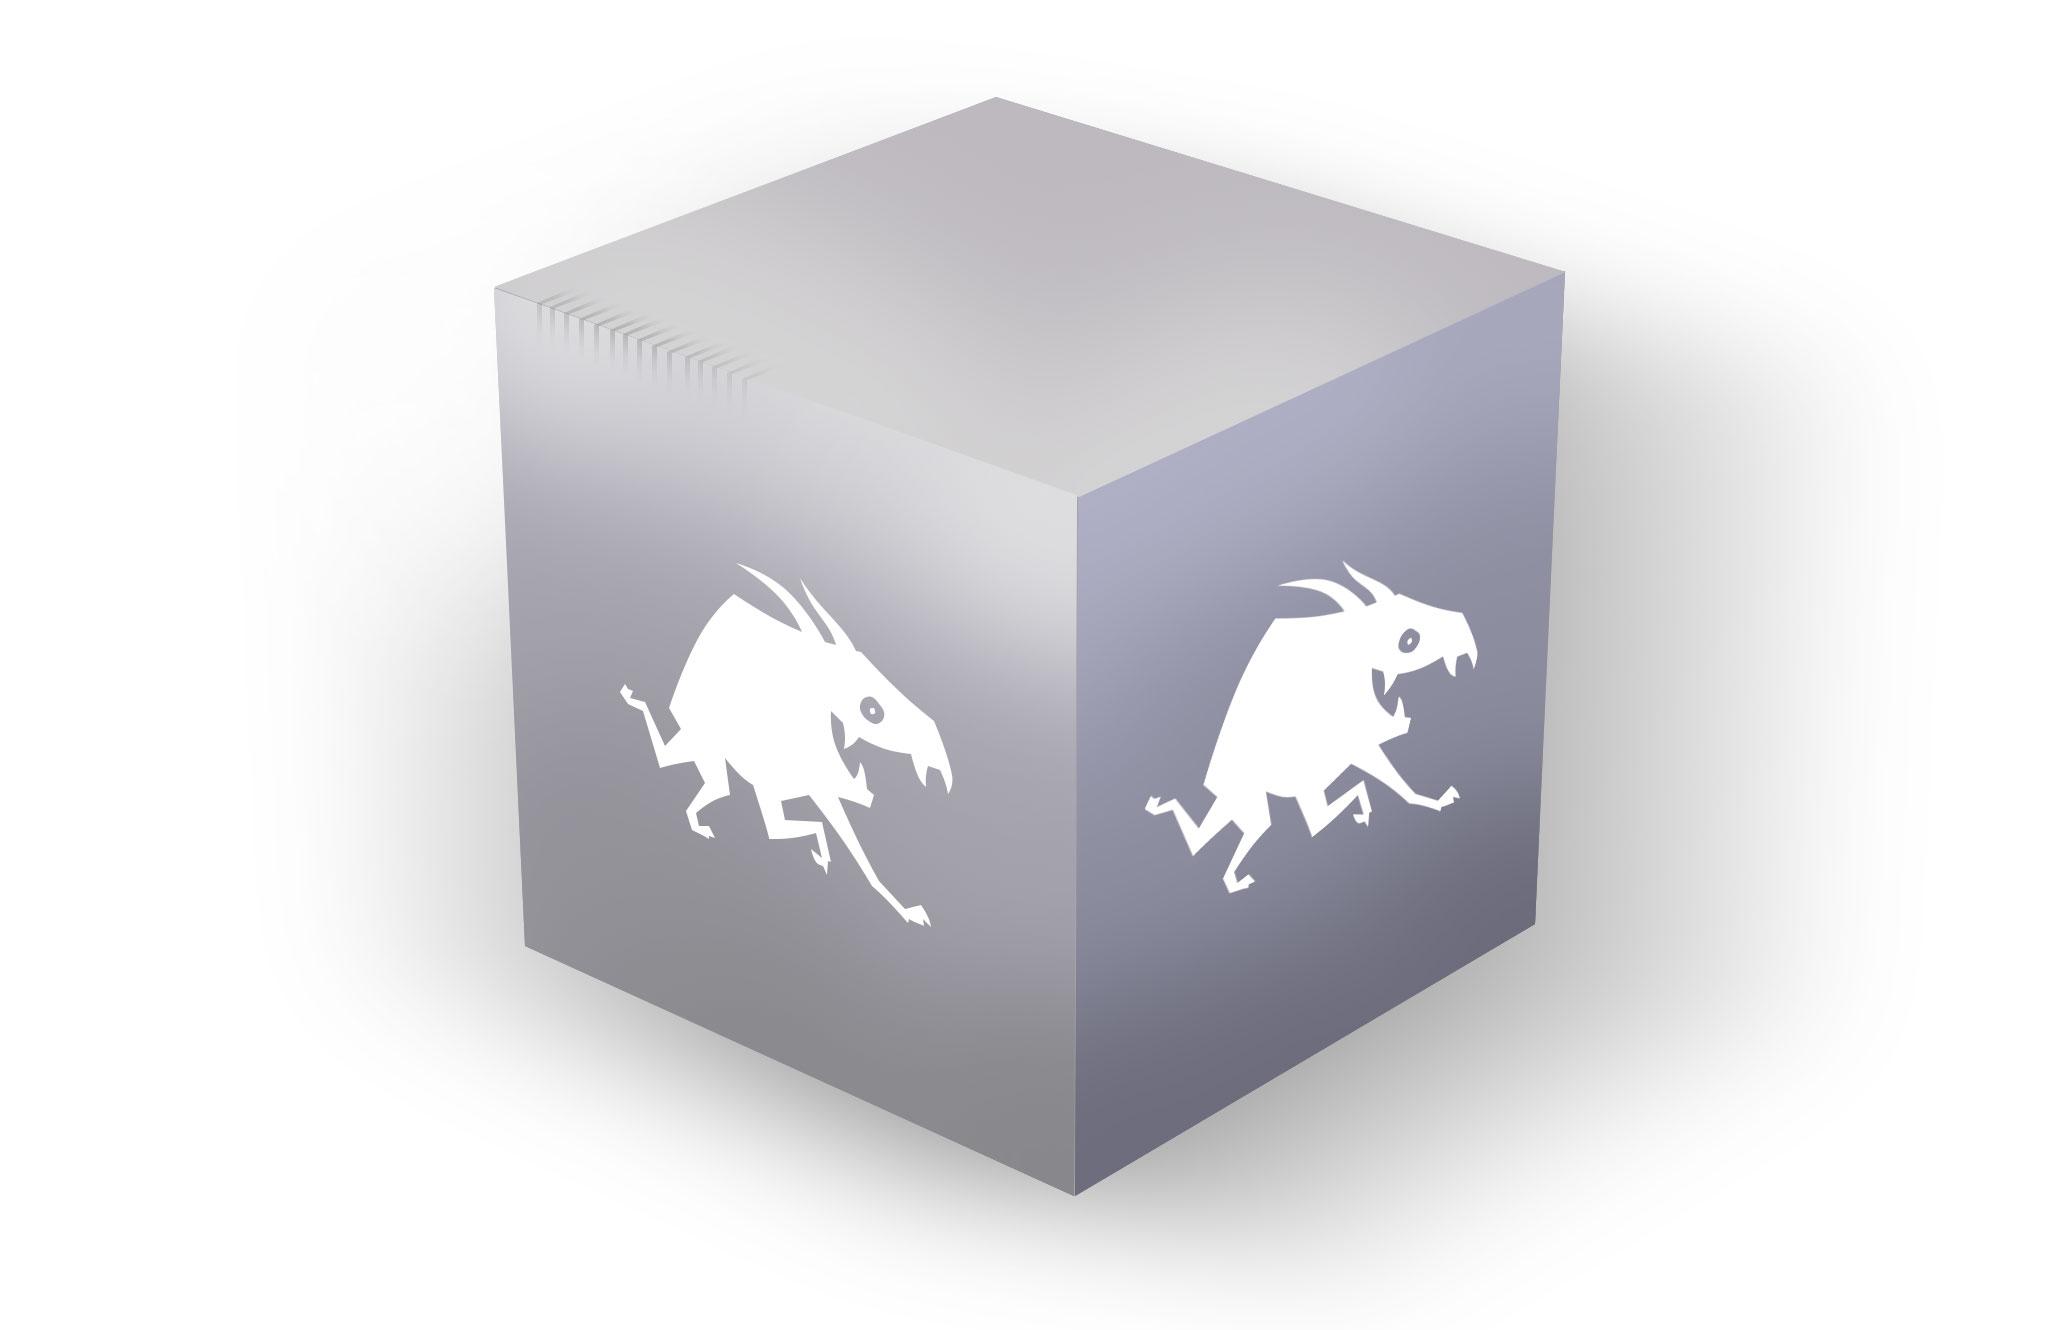 """Will Slightly Mad wirklich eine """"Mad Box"""" bringen? Angeblich ist man schon im Dialog mit möglichen Investoren. (Illustration von elektrospieler.de)"""